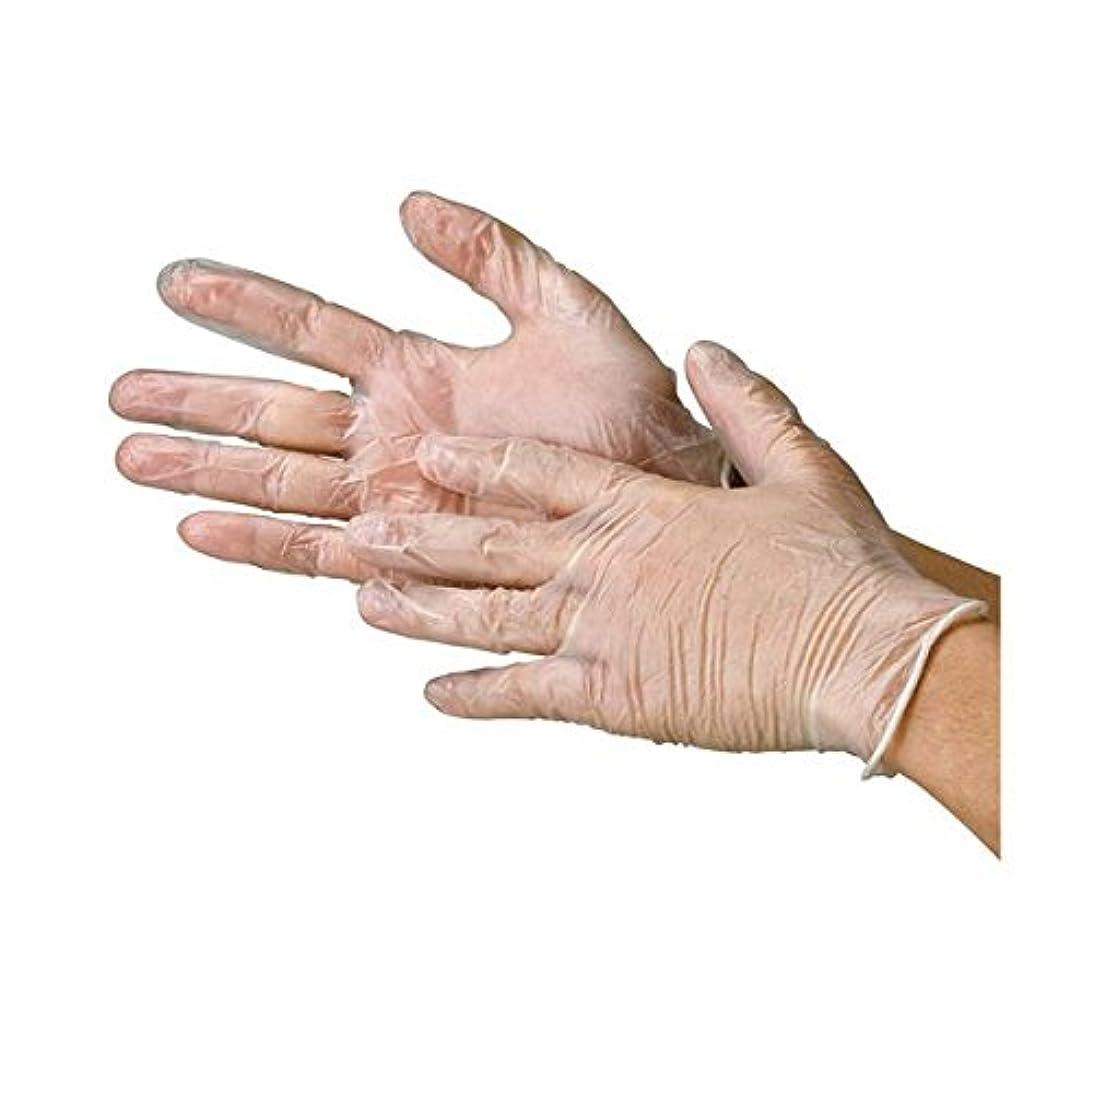 ブースト素子スコットランド人川西工業 ビニール極薄手袋 粉なし M 20箱 ダイエット 健康 衛生用品 その他の衛生用品 14067381 [並行輸入品]